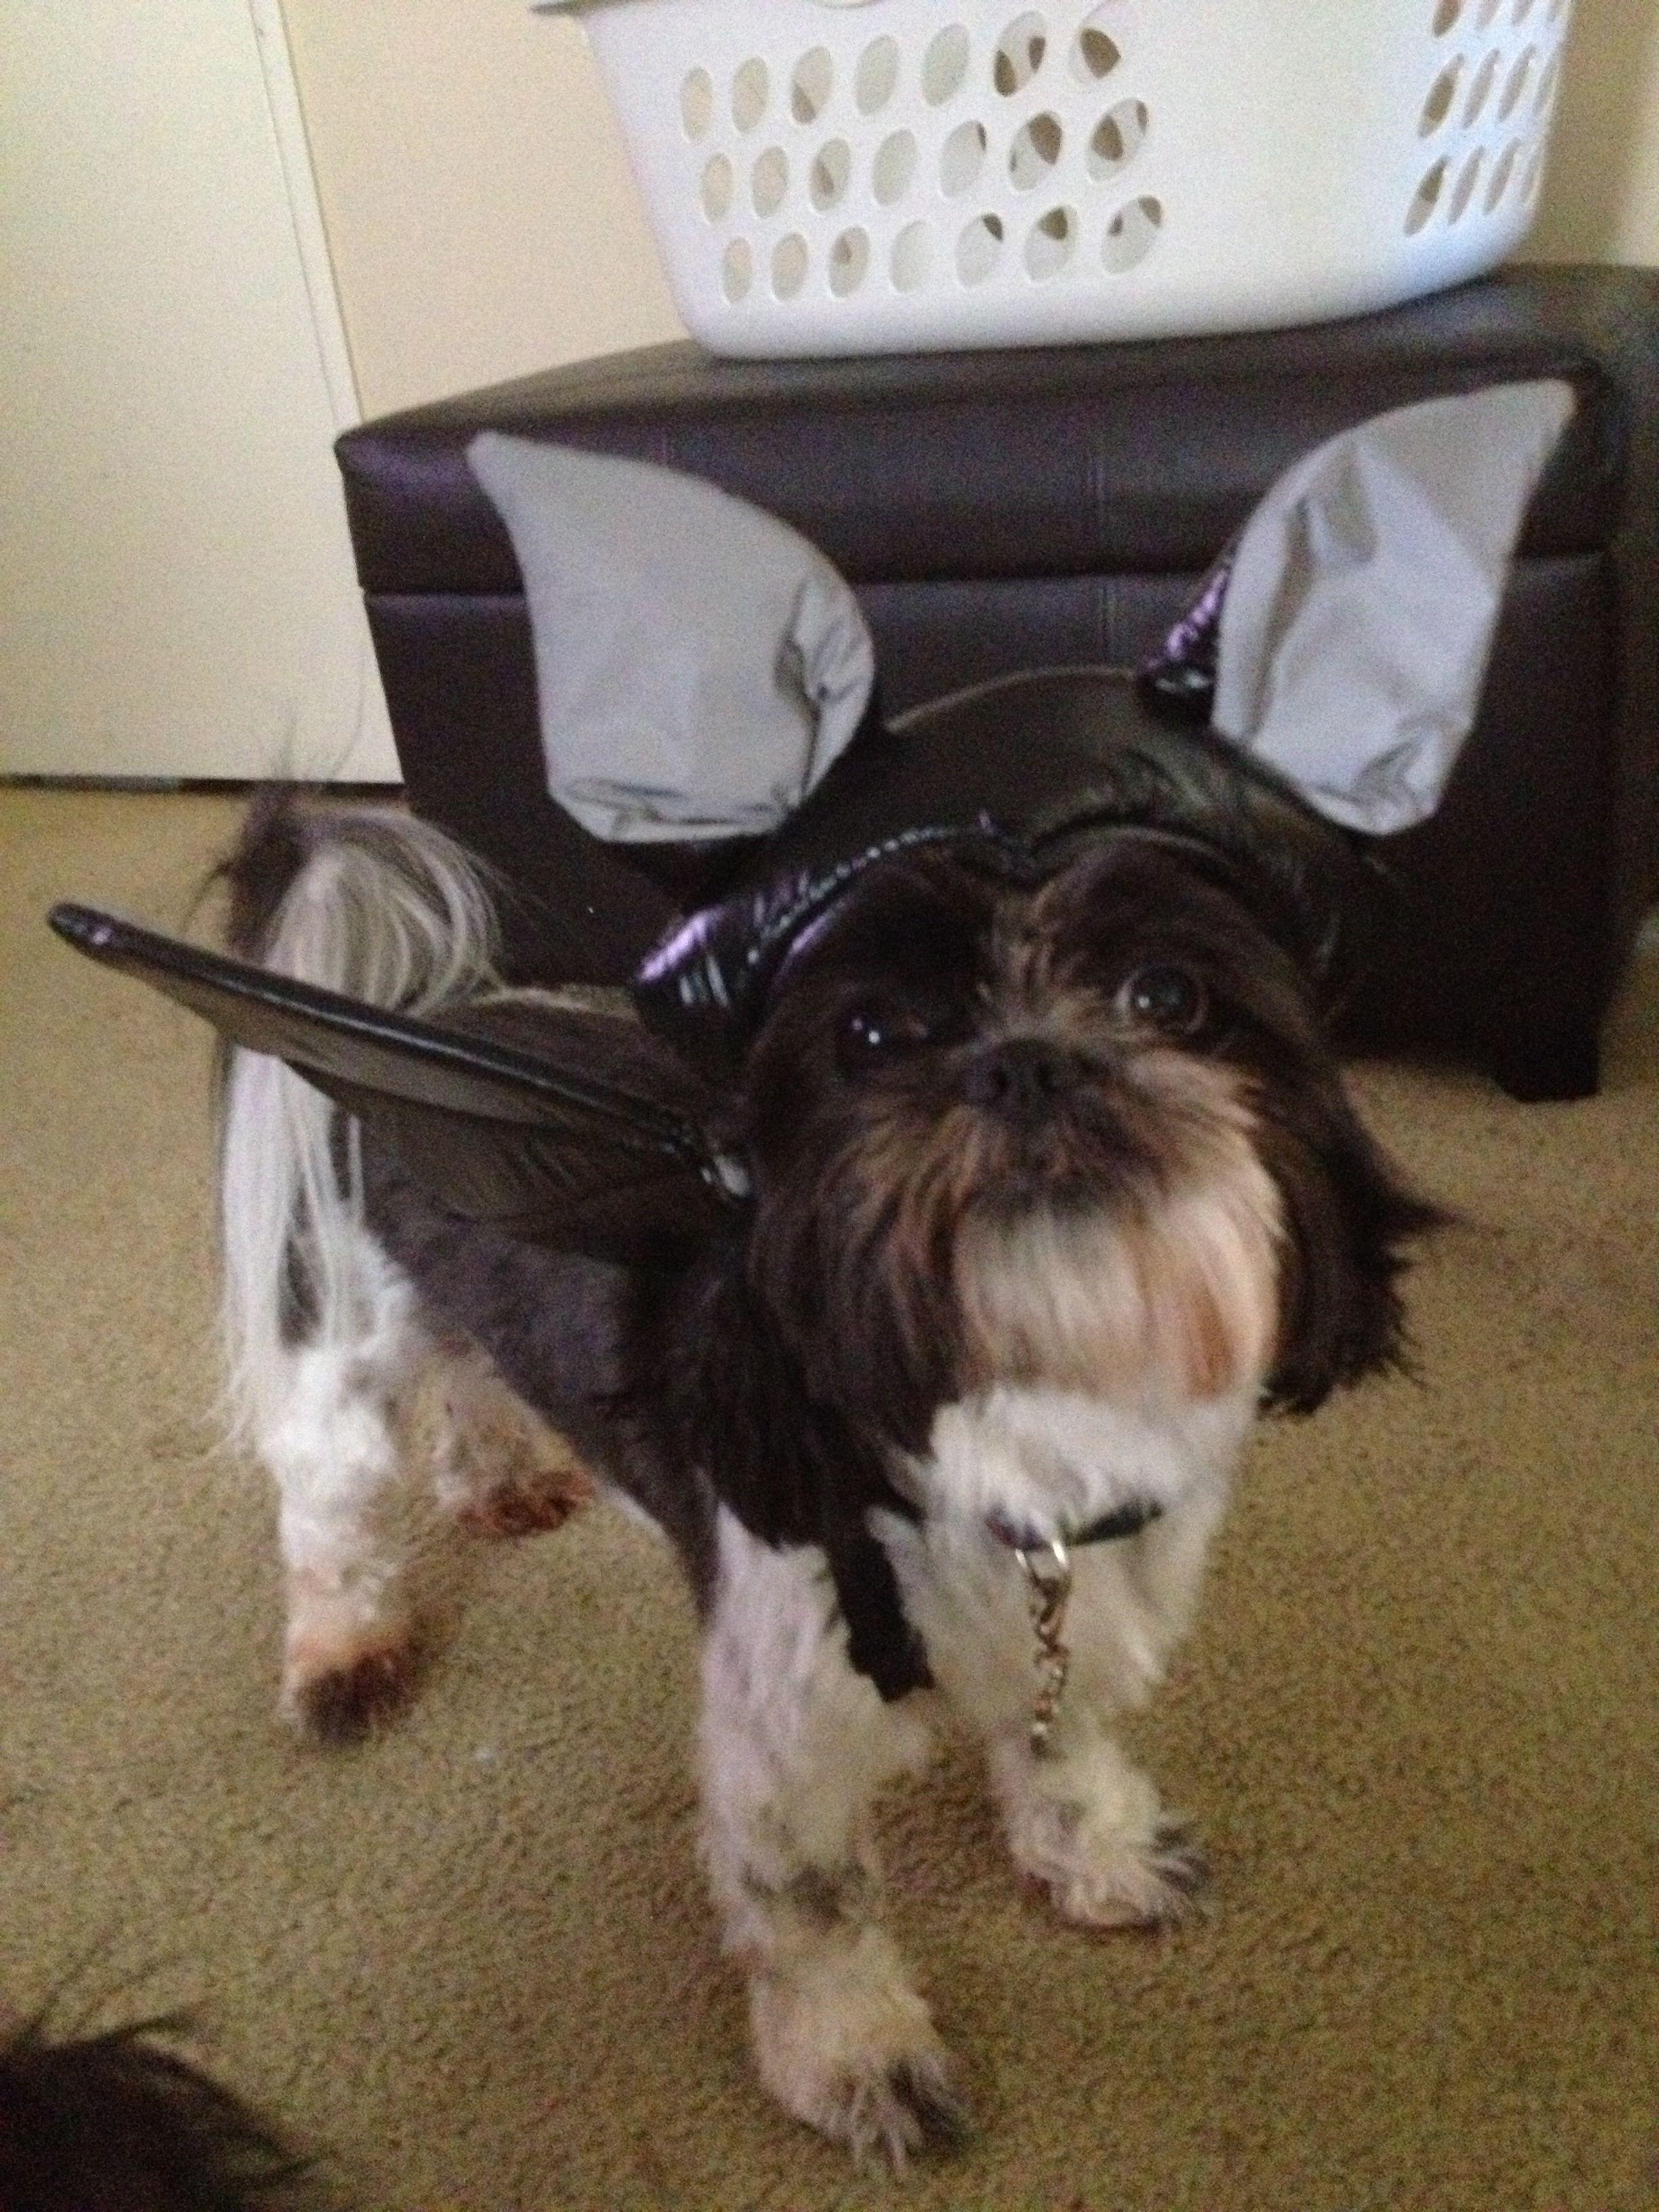 Private bat dog lol!